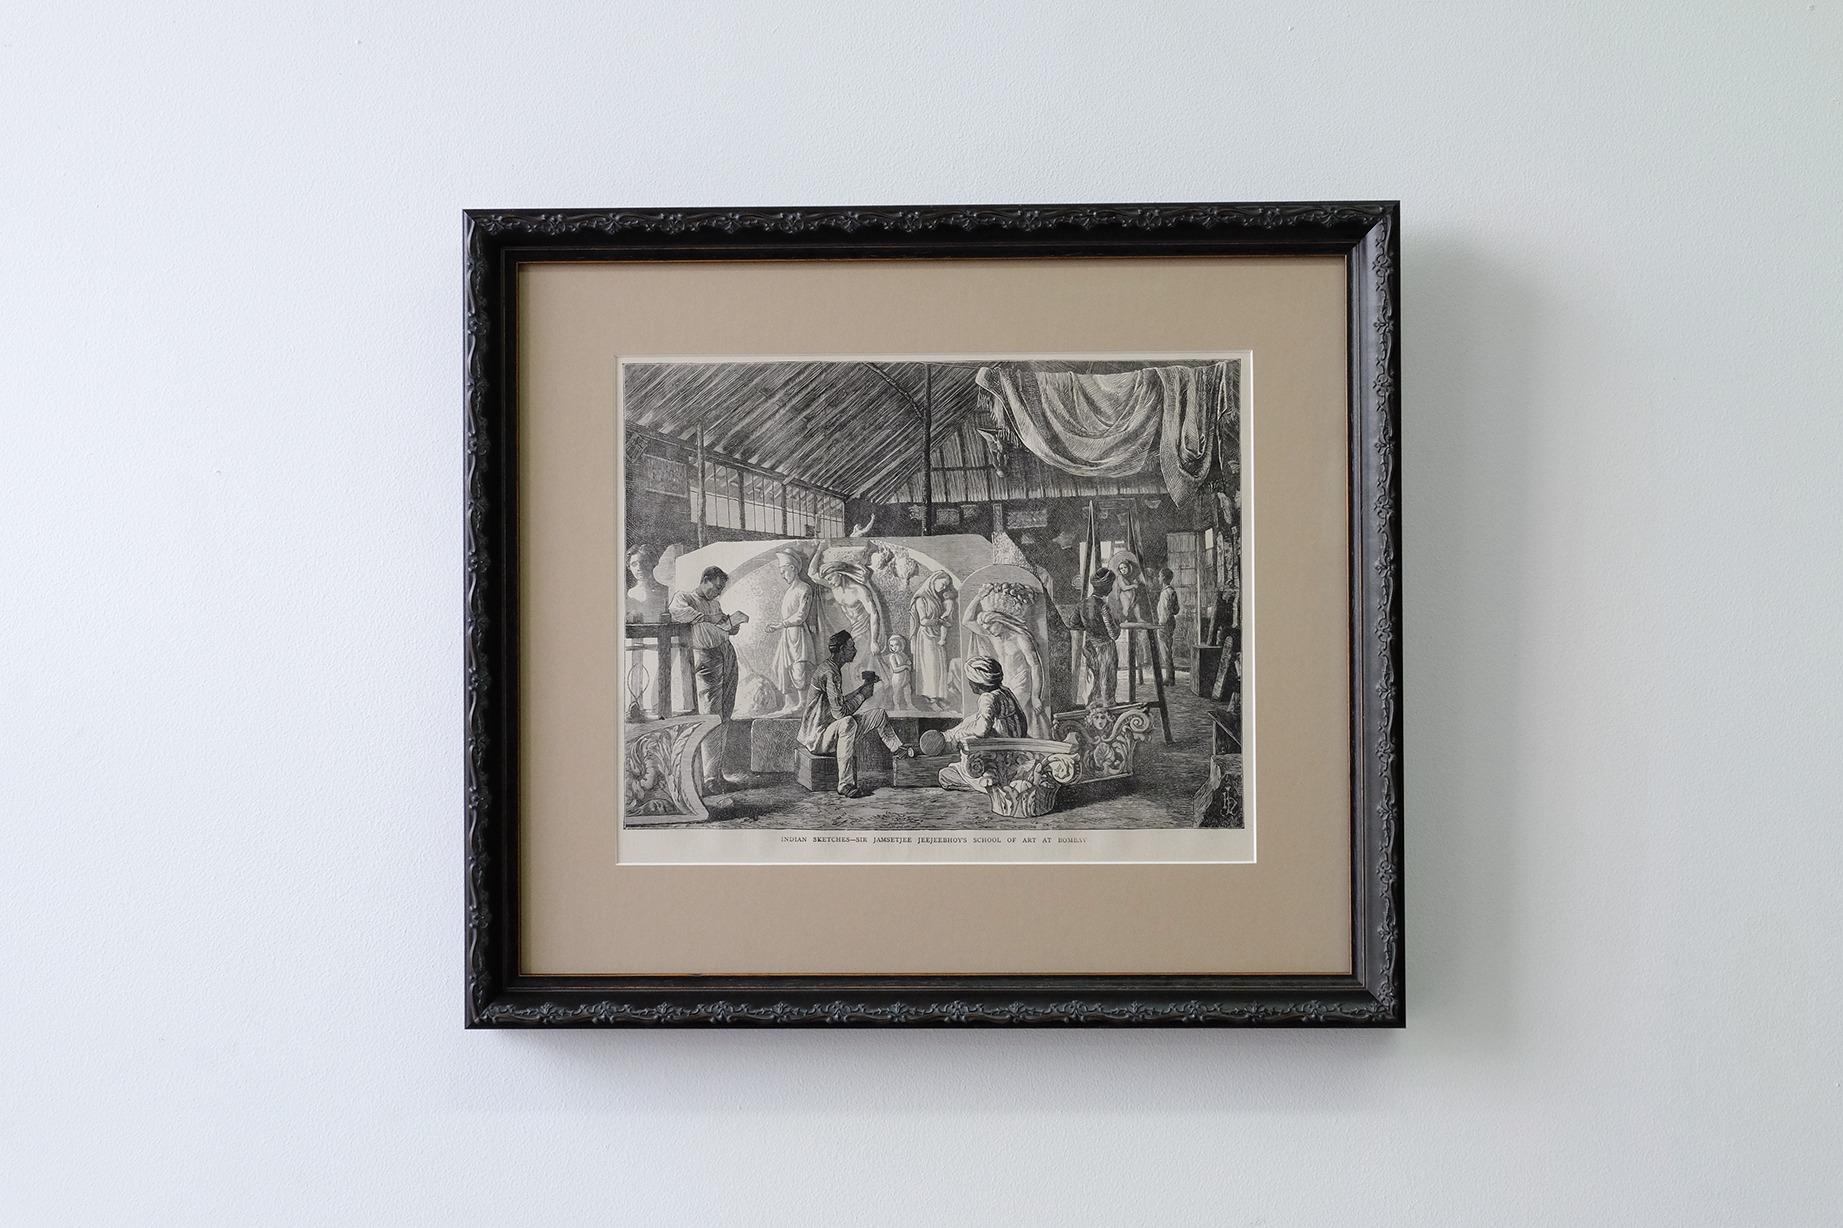 Framing • Mount Art